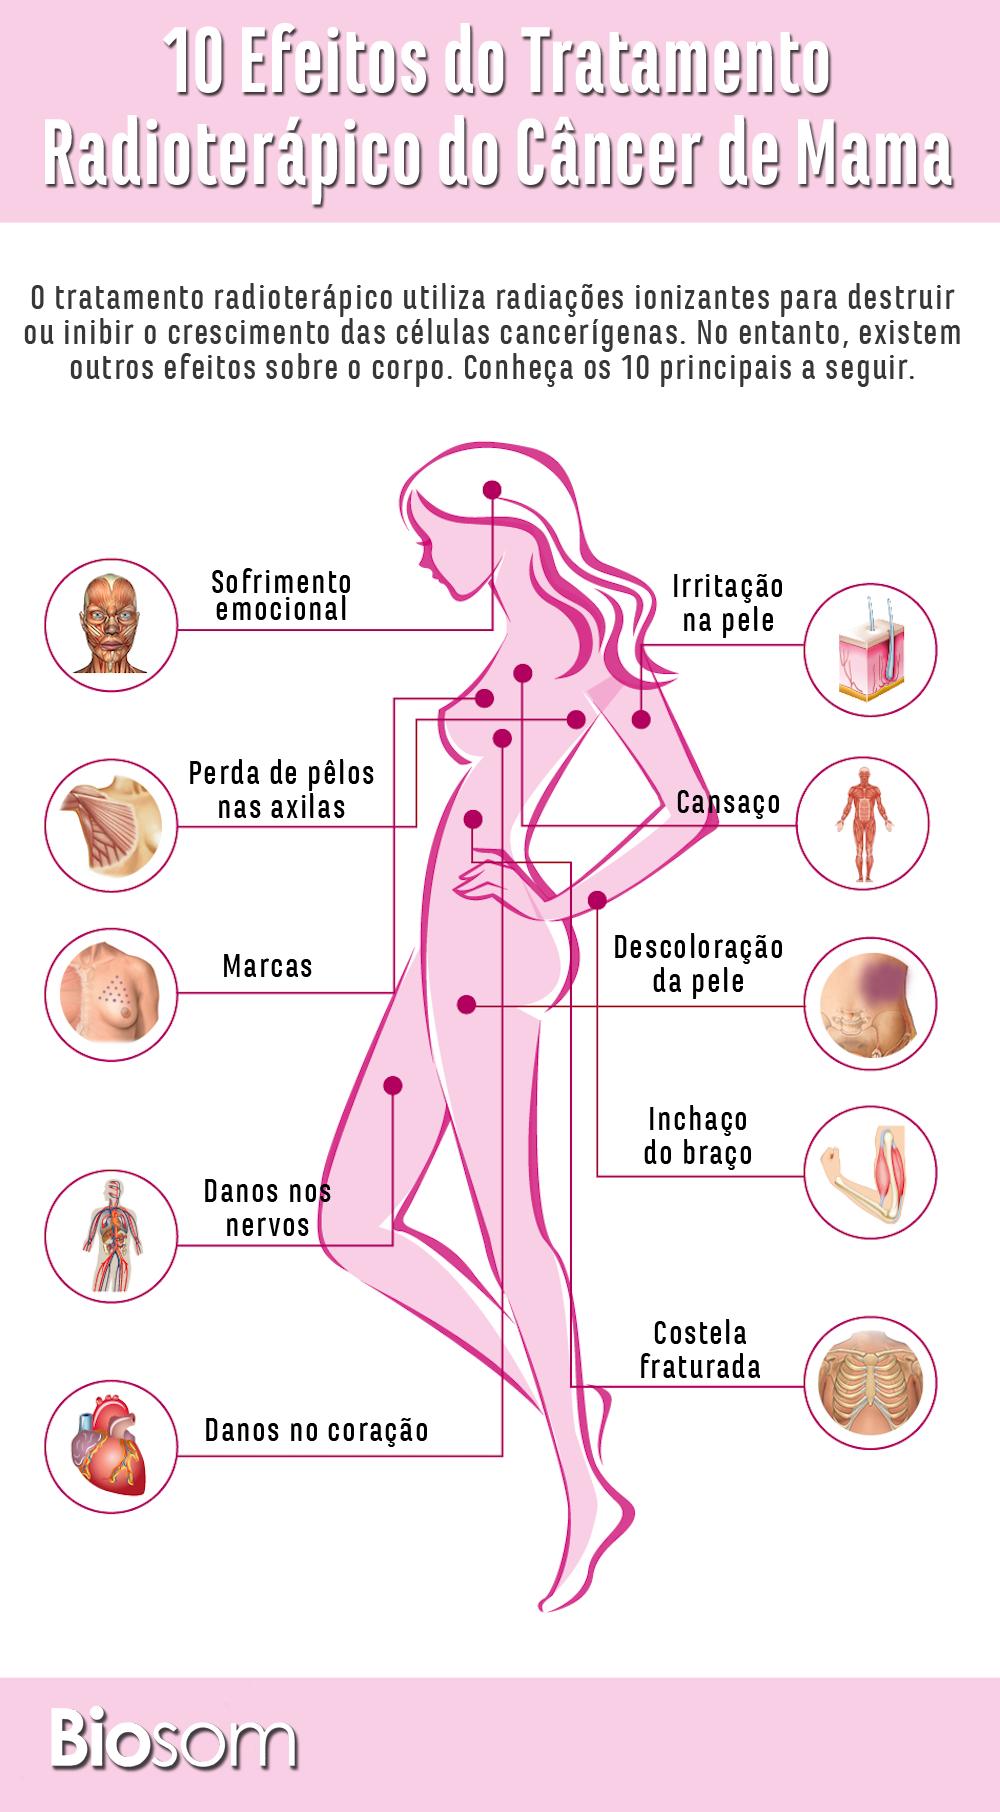 Entenda Mais Sobre Tratamentos De Câncer De Mama Clicando Na Imagem